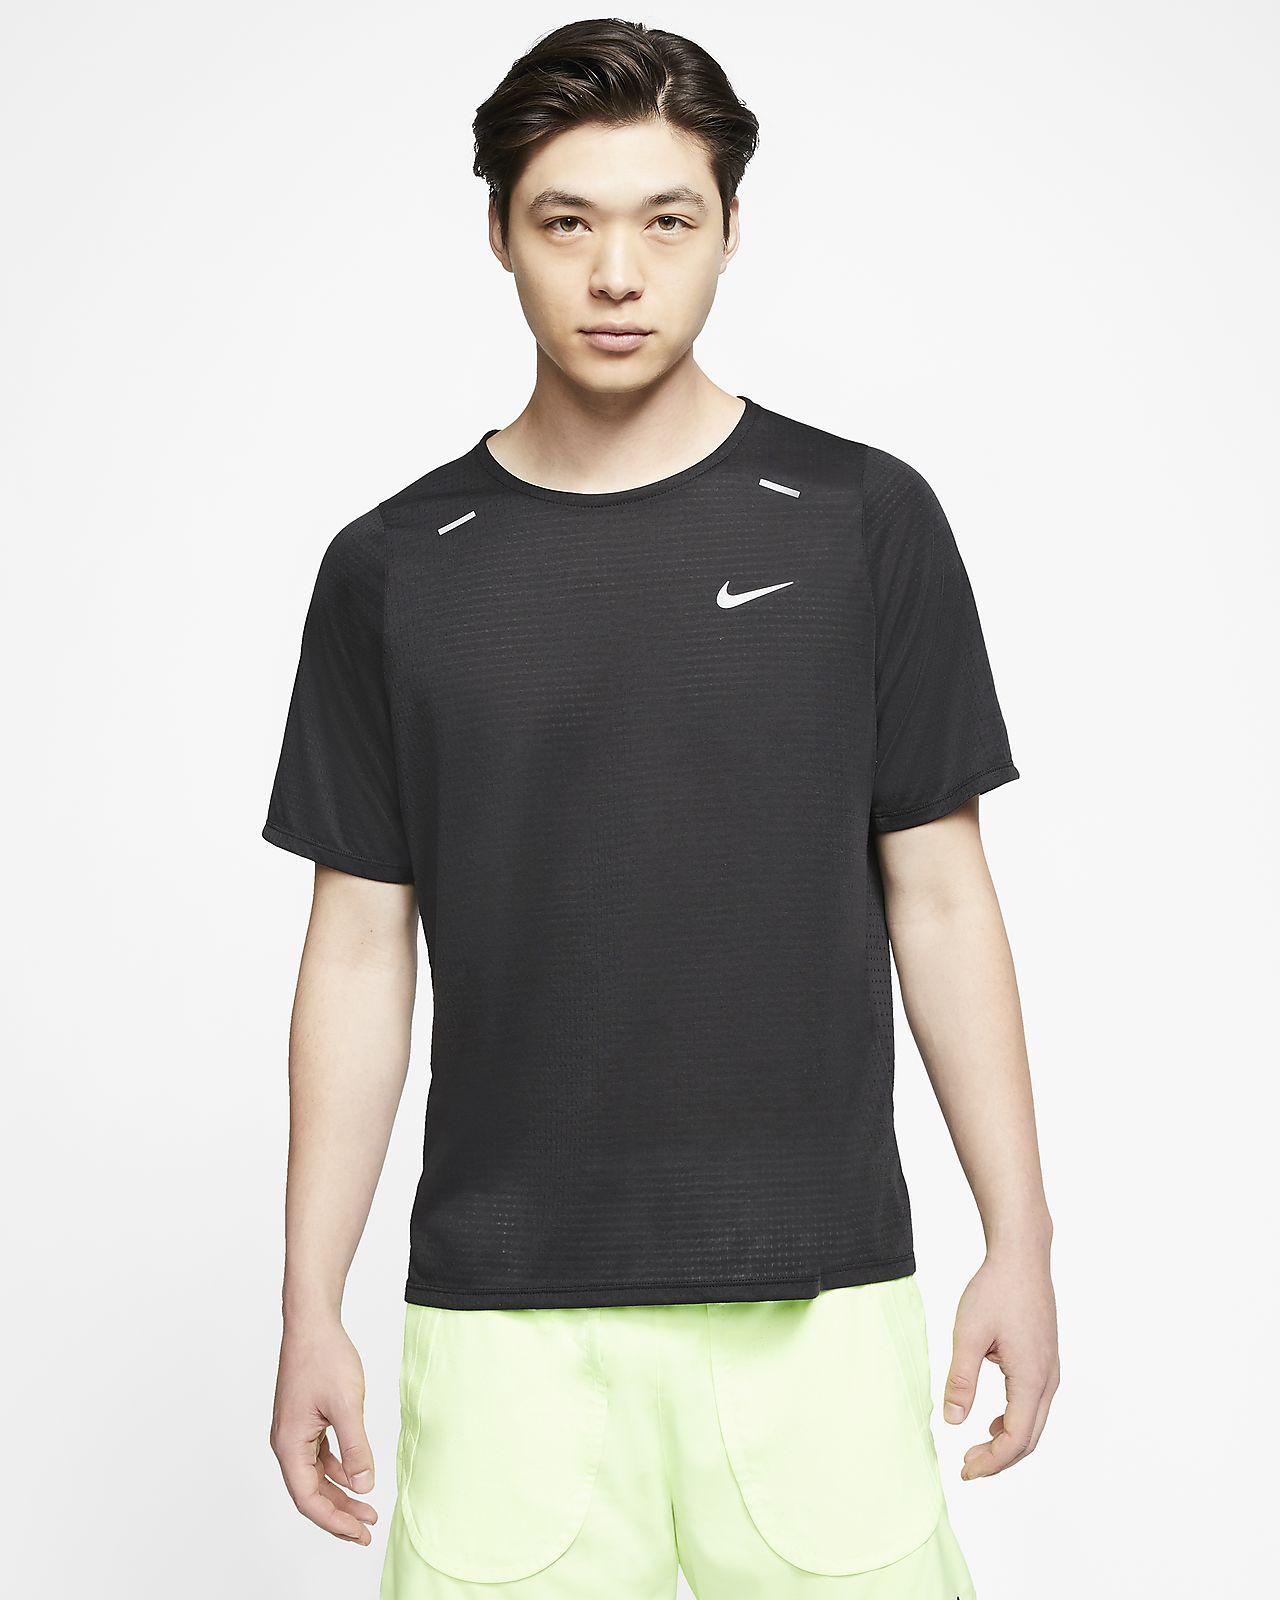 Nike Rise 365 Men's Running Top